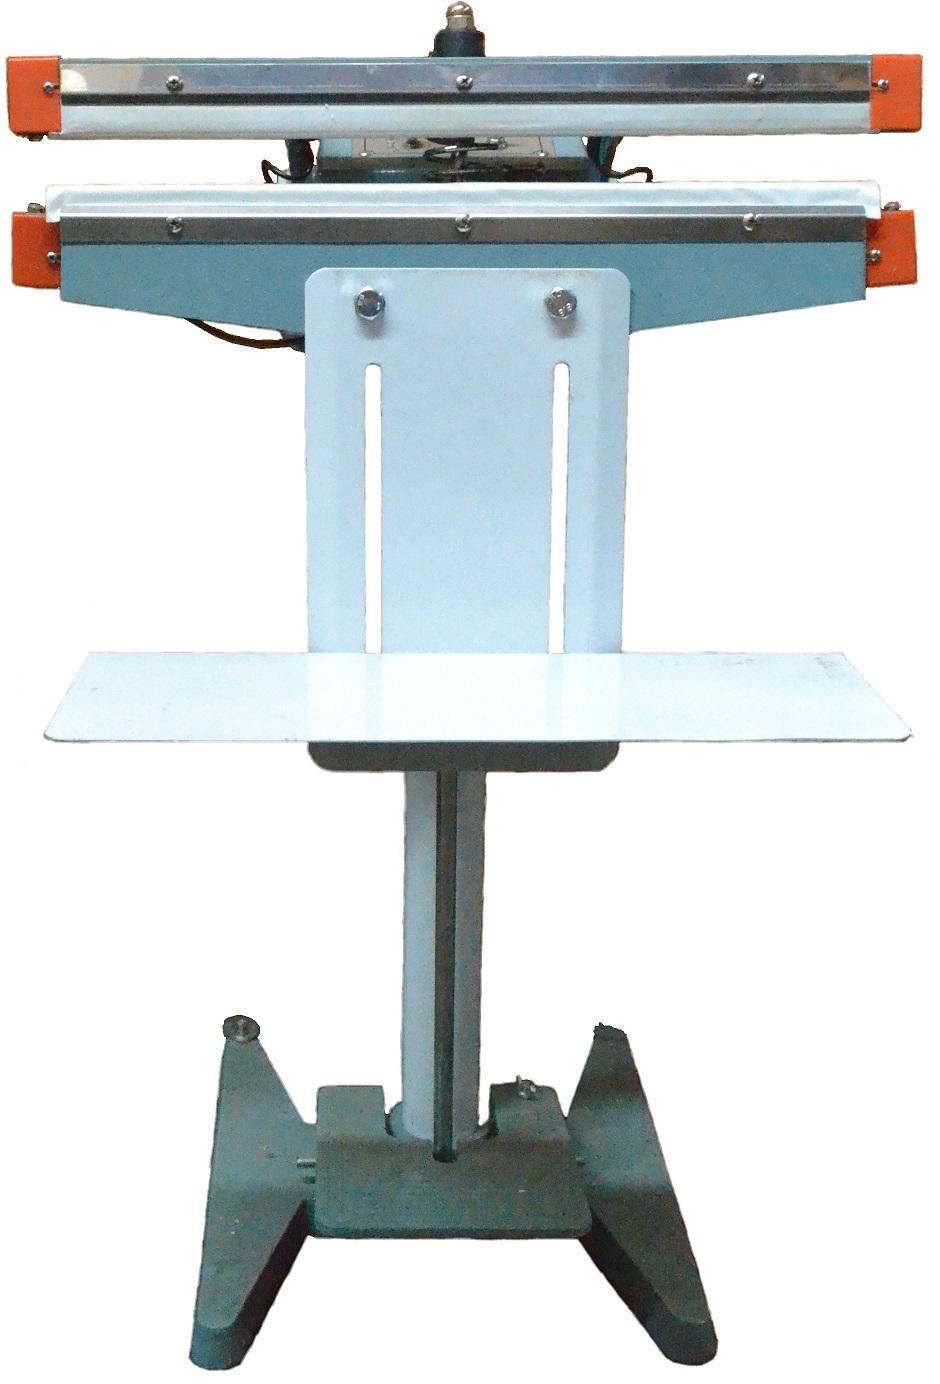 Impulse sealer PFS-450 New - Discount - Emballage Coderre